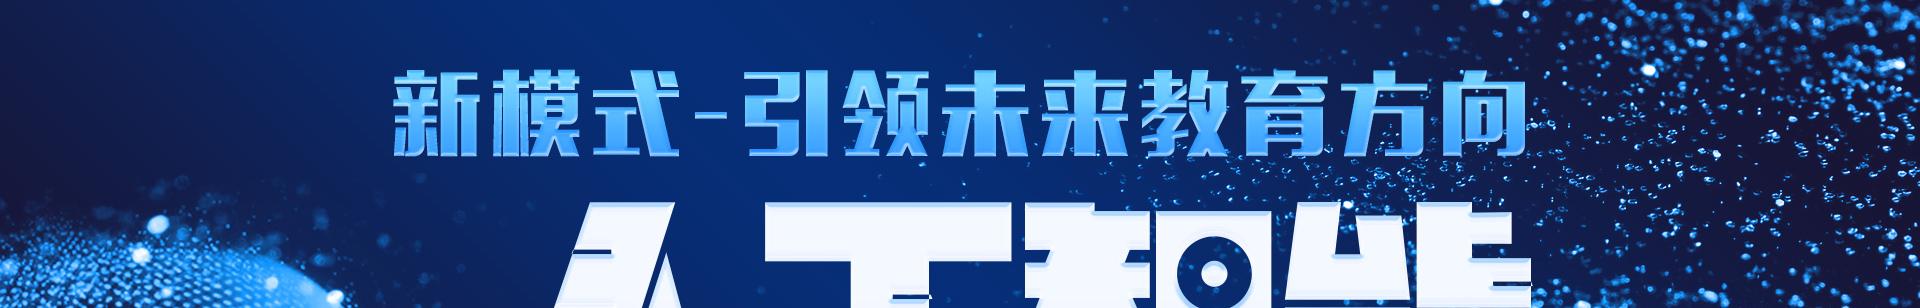 智慧超人K12人工智能教育zzcr_02